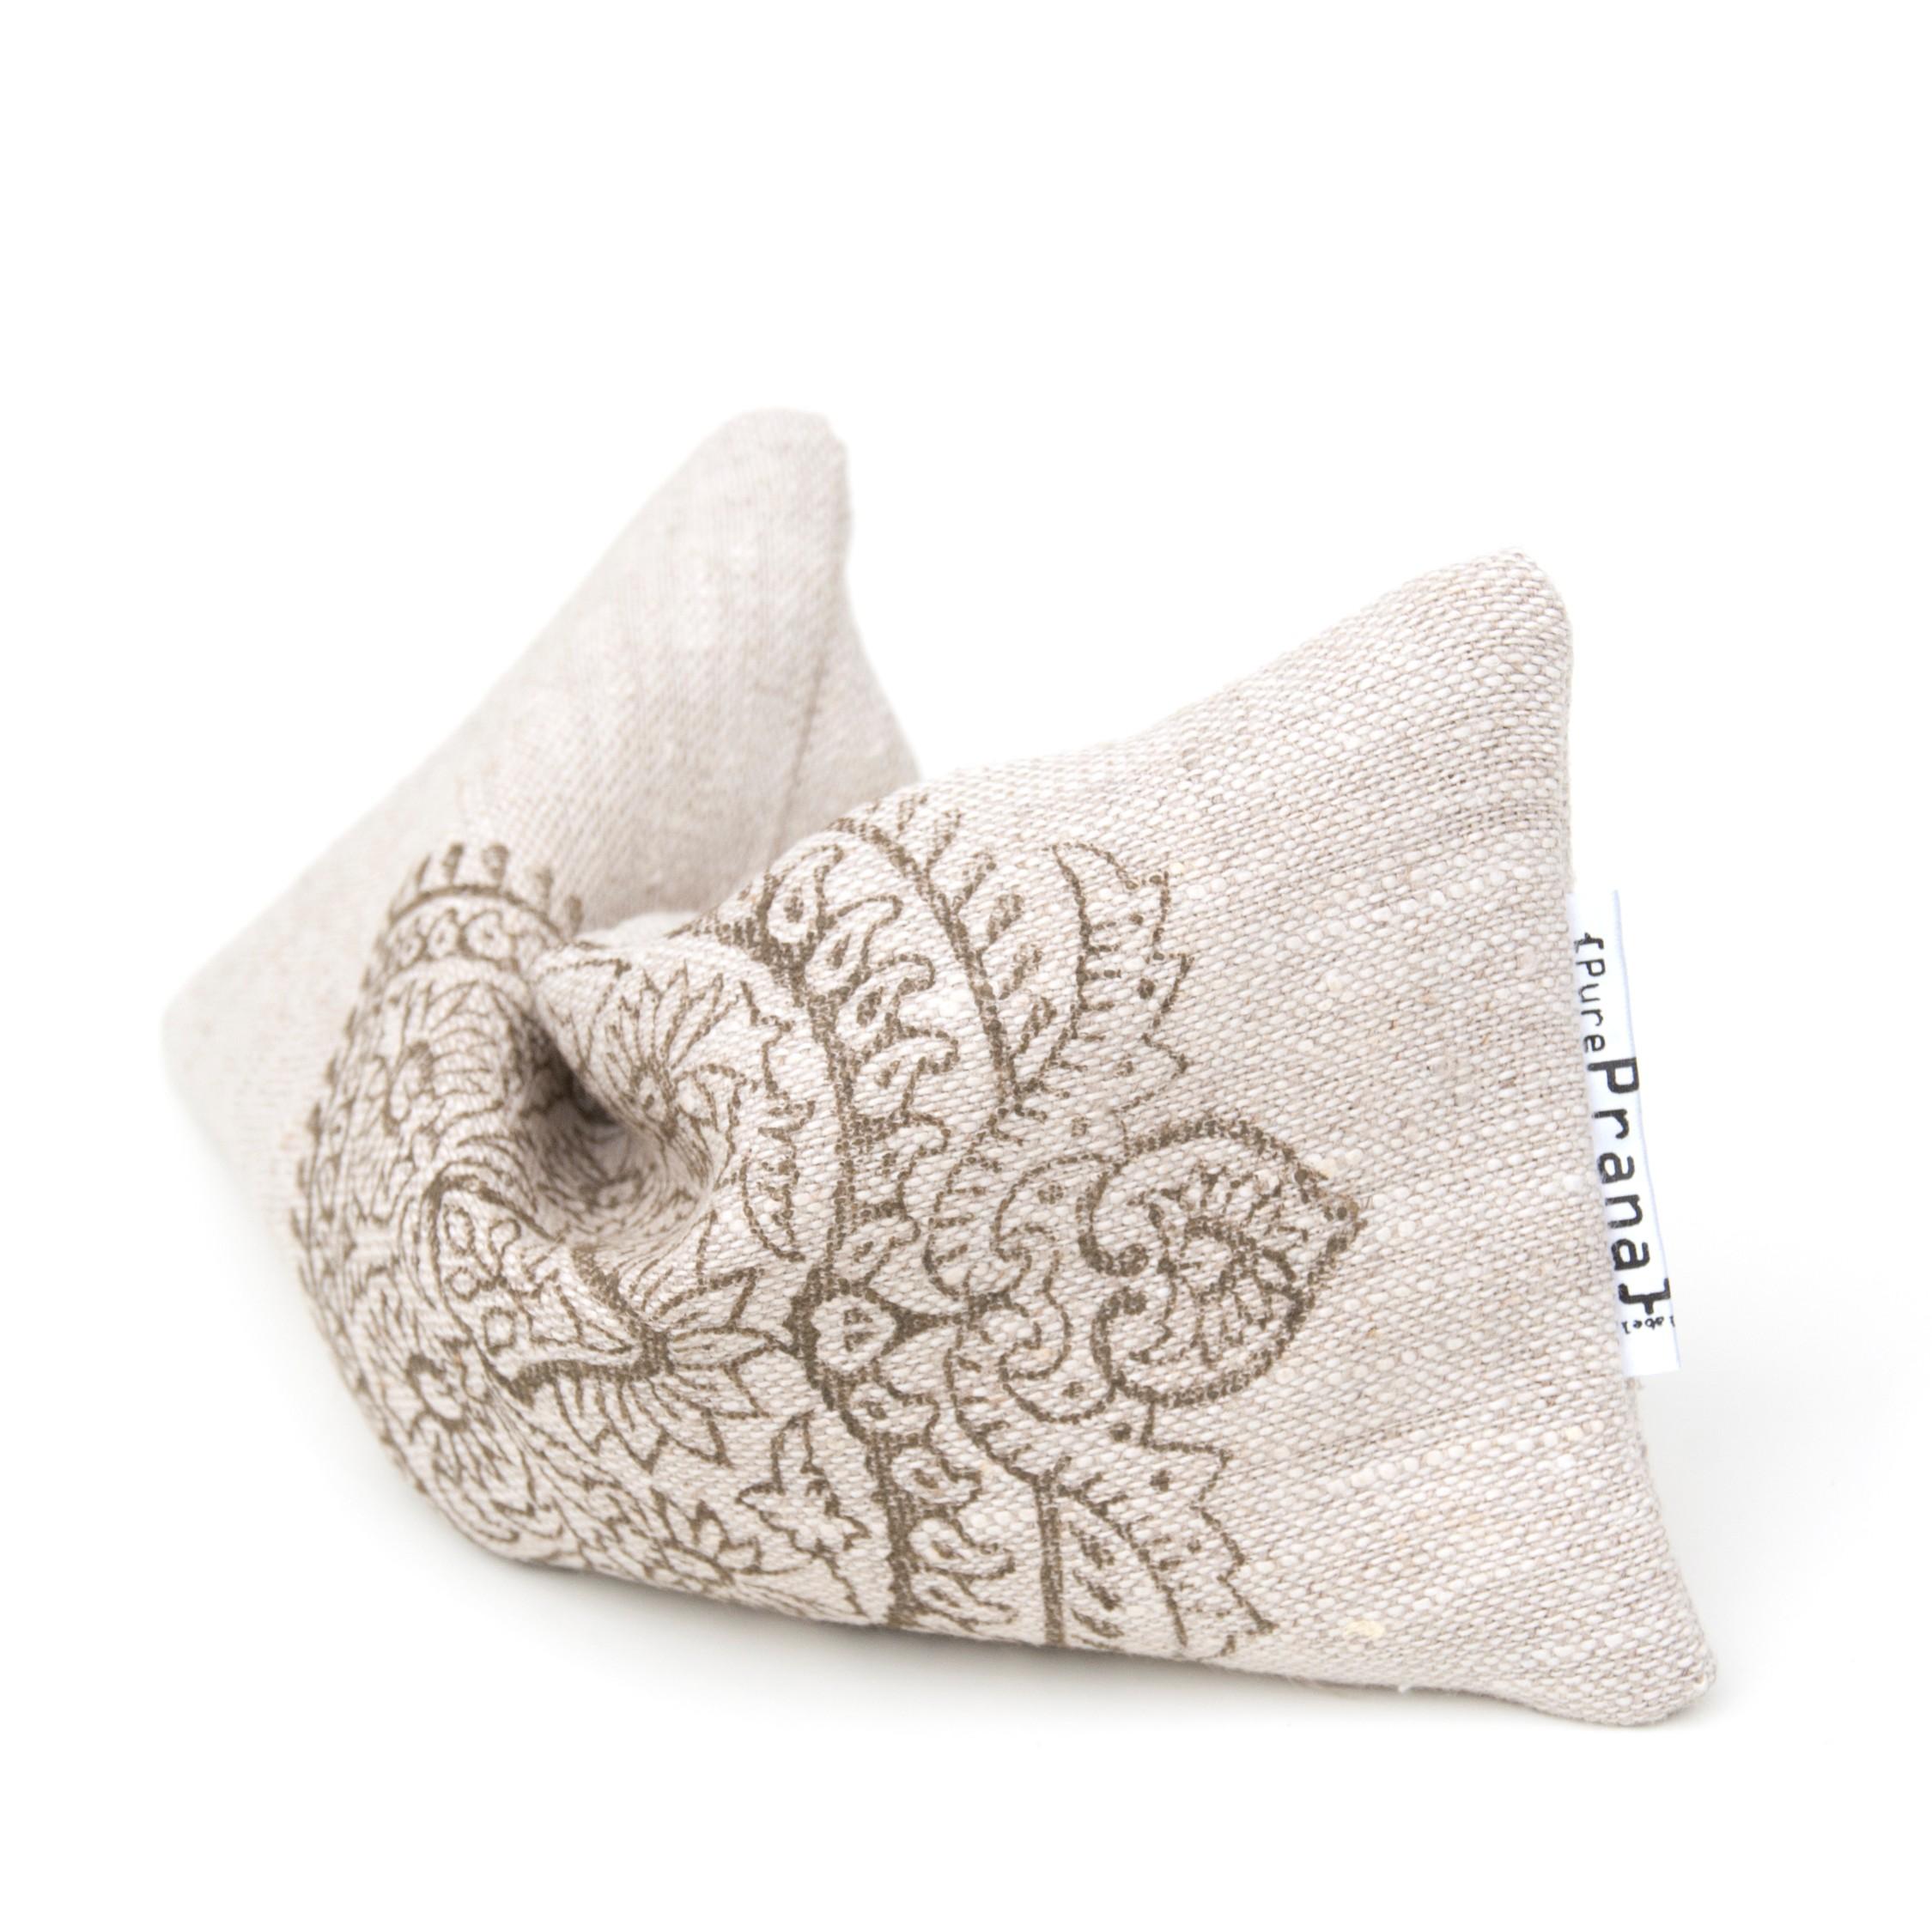 Eye pillow for yoga nidra, savasana and guided meditation